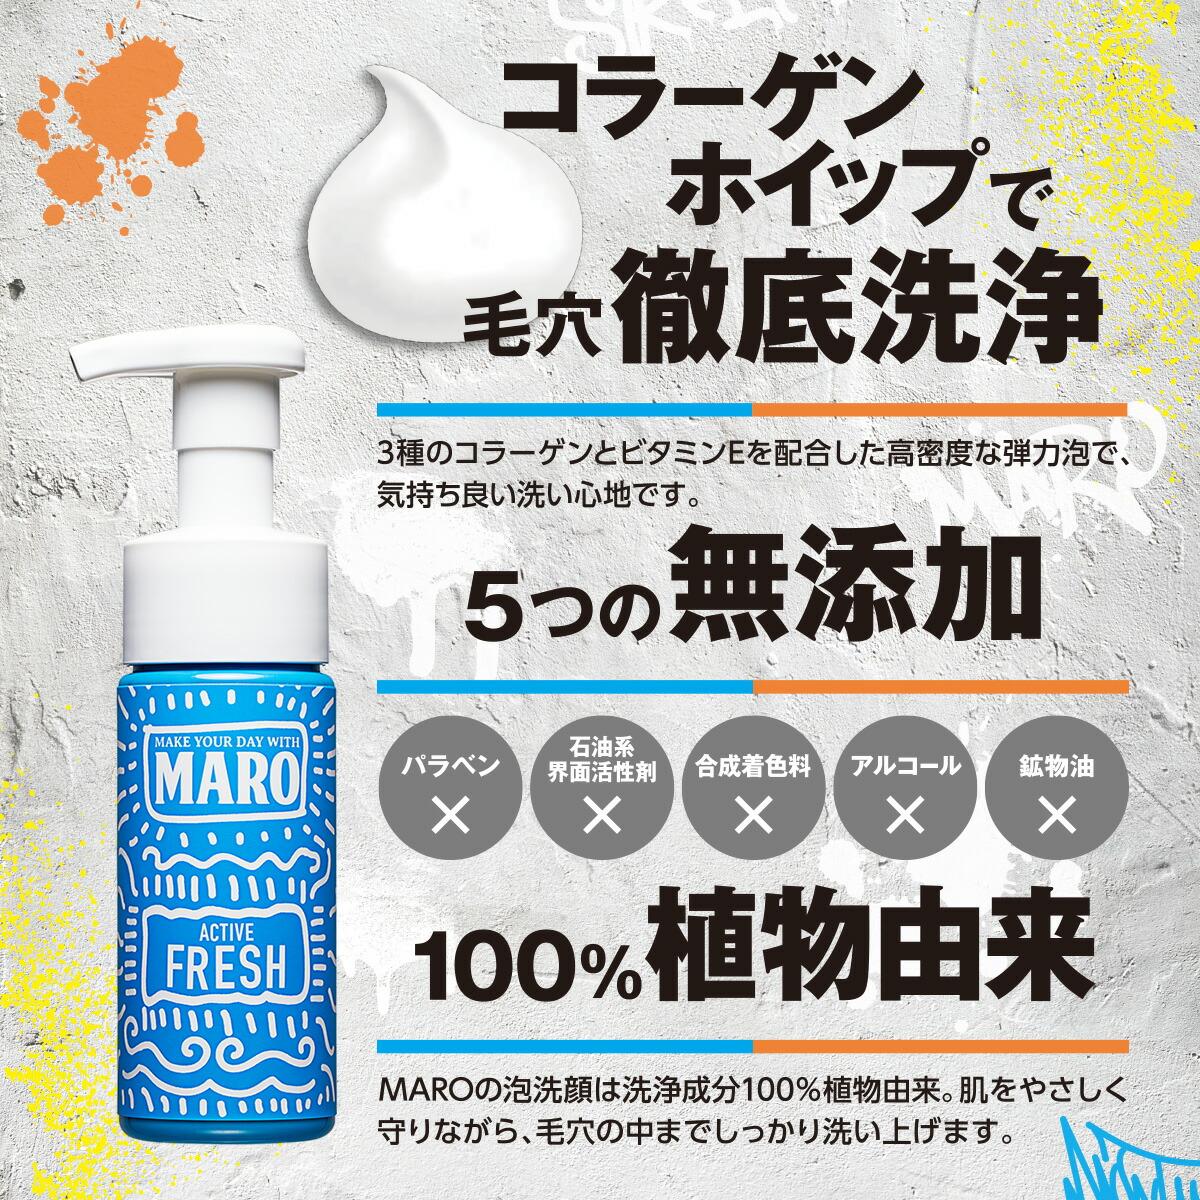 マーロ MARO グルーヴィー 泡洗顔 詰め替え アクティブフレッシュ (洗顔料)